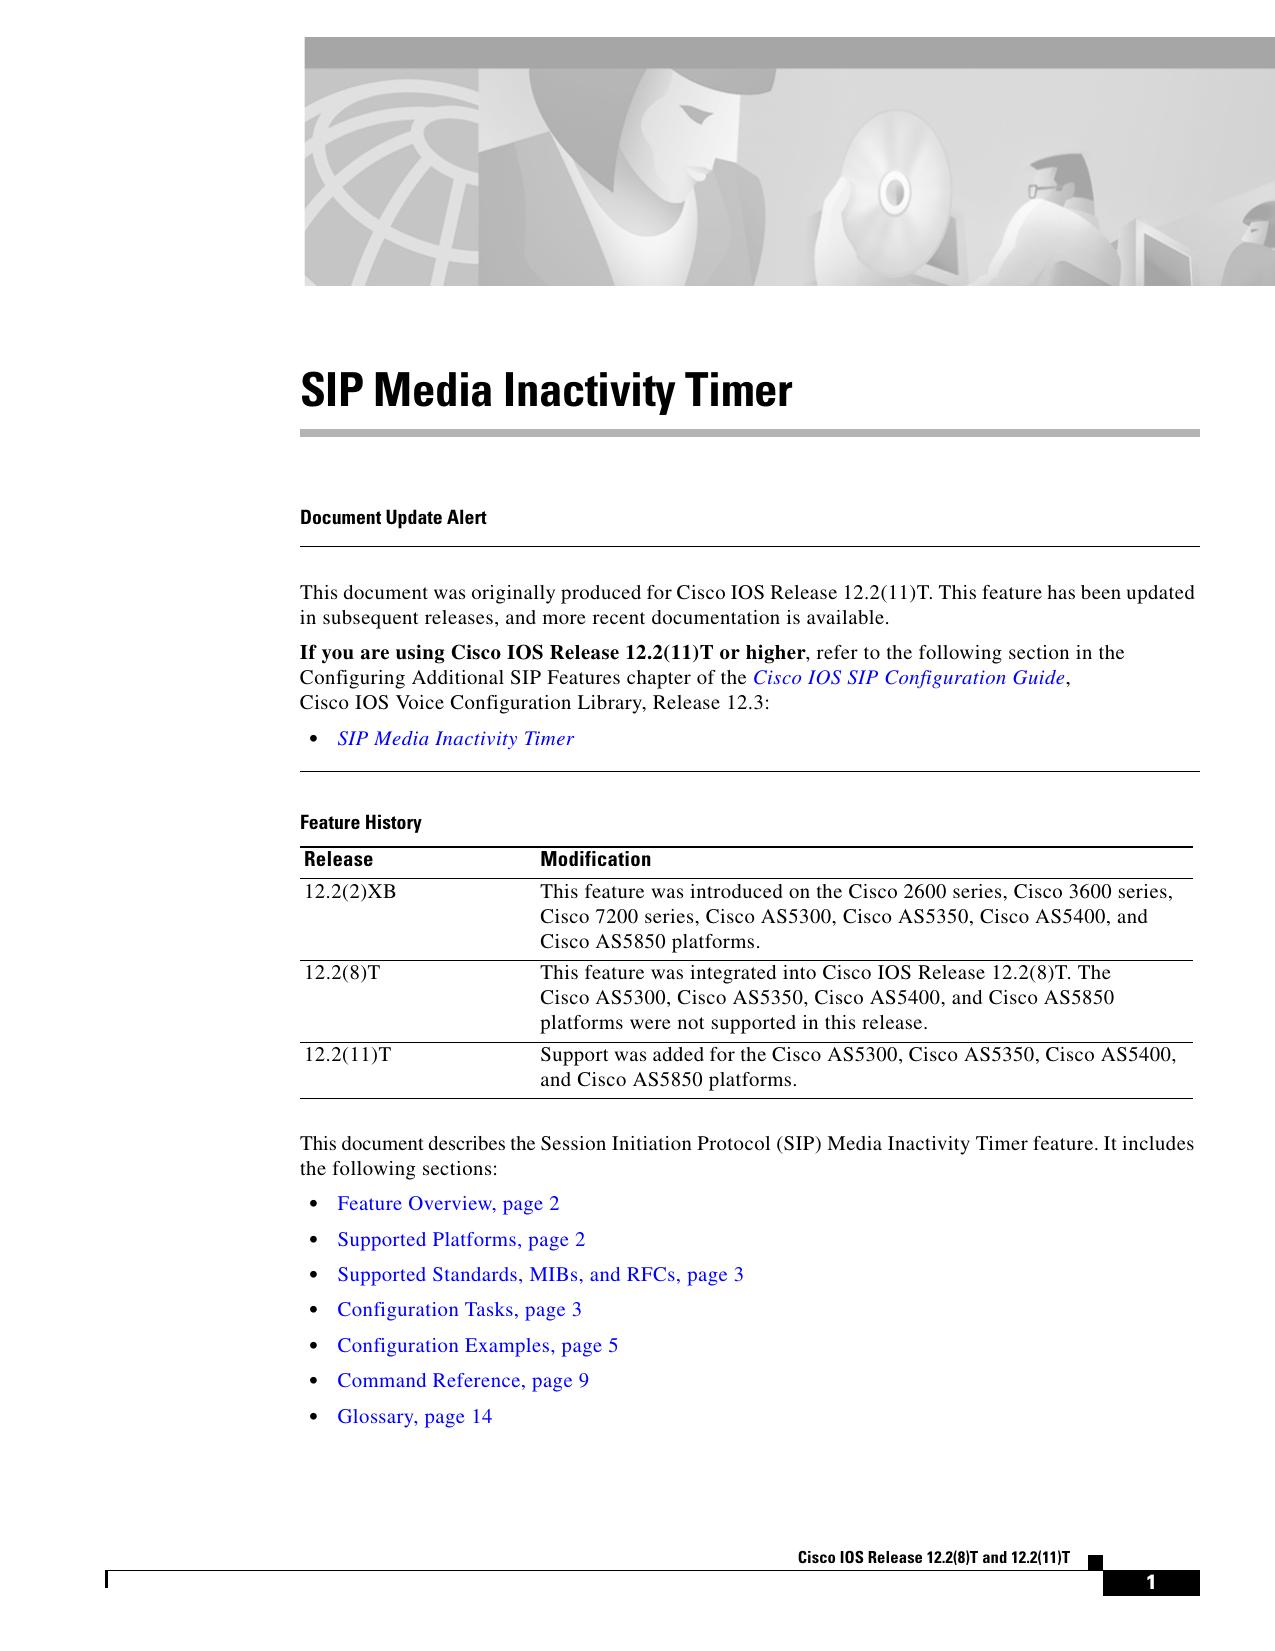 SIP Media Inactivity Timer | manualzz com